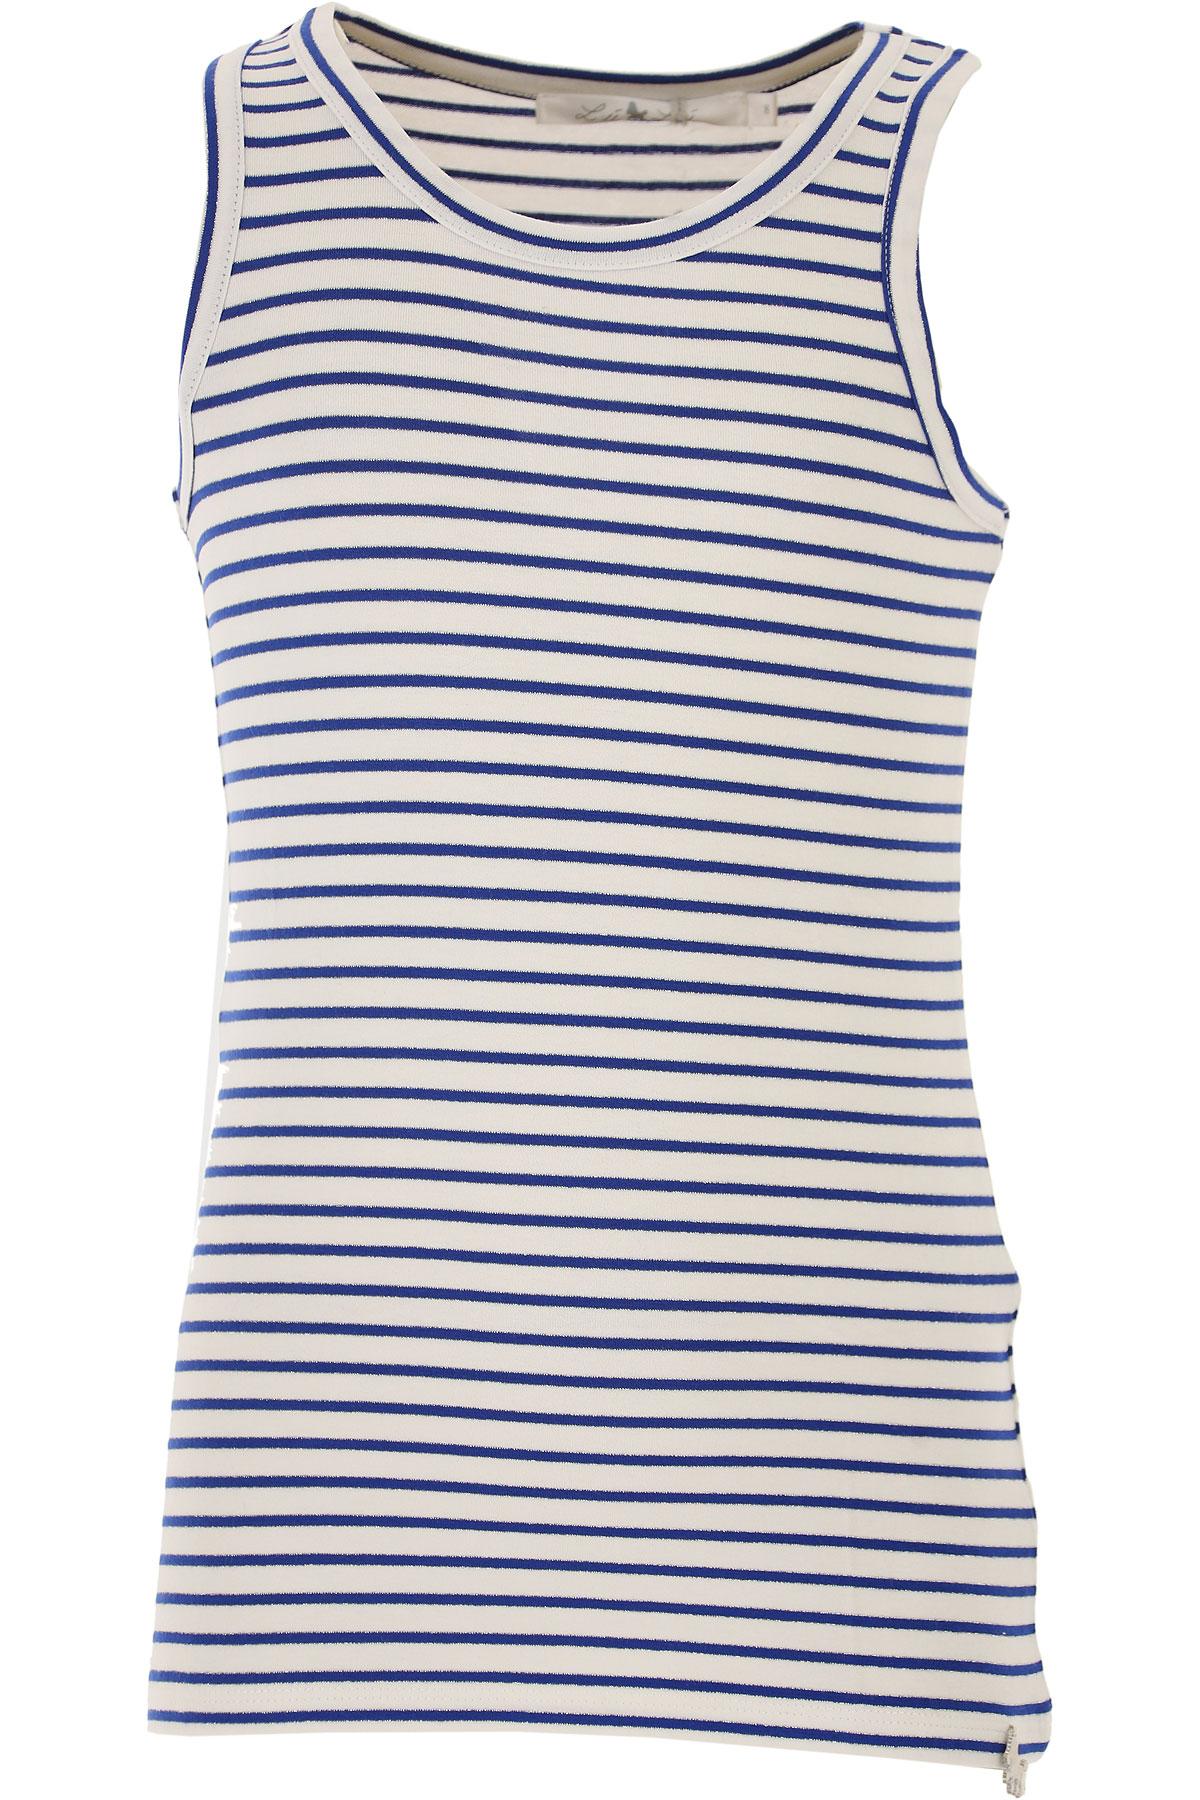 Lu - Lu T-Shirt Enfant pour Fille Pas cher en Soldes Outlet, Blanc, Coton, 2017, 8Y 9Y